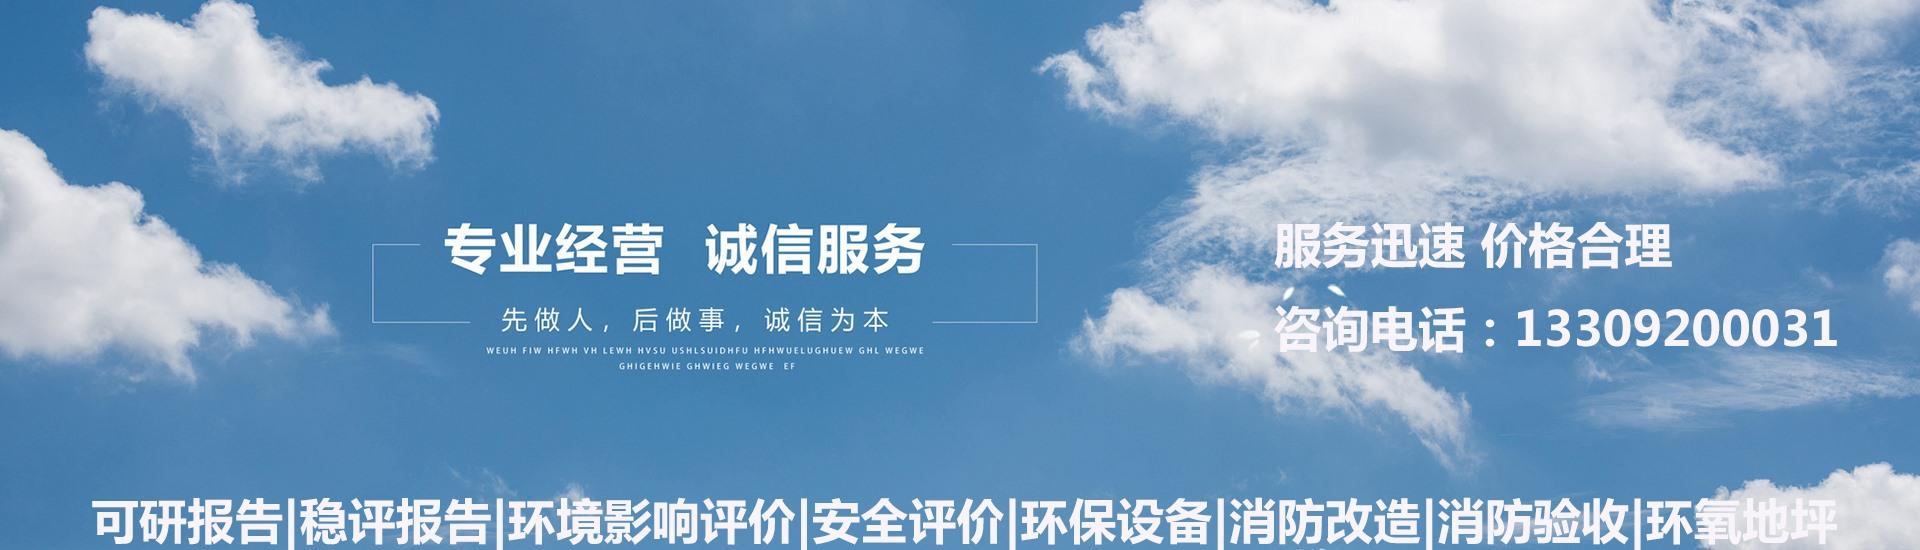 西安国恒官网